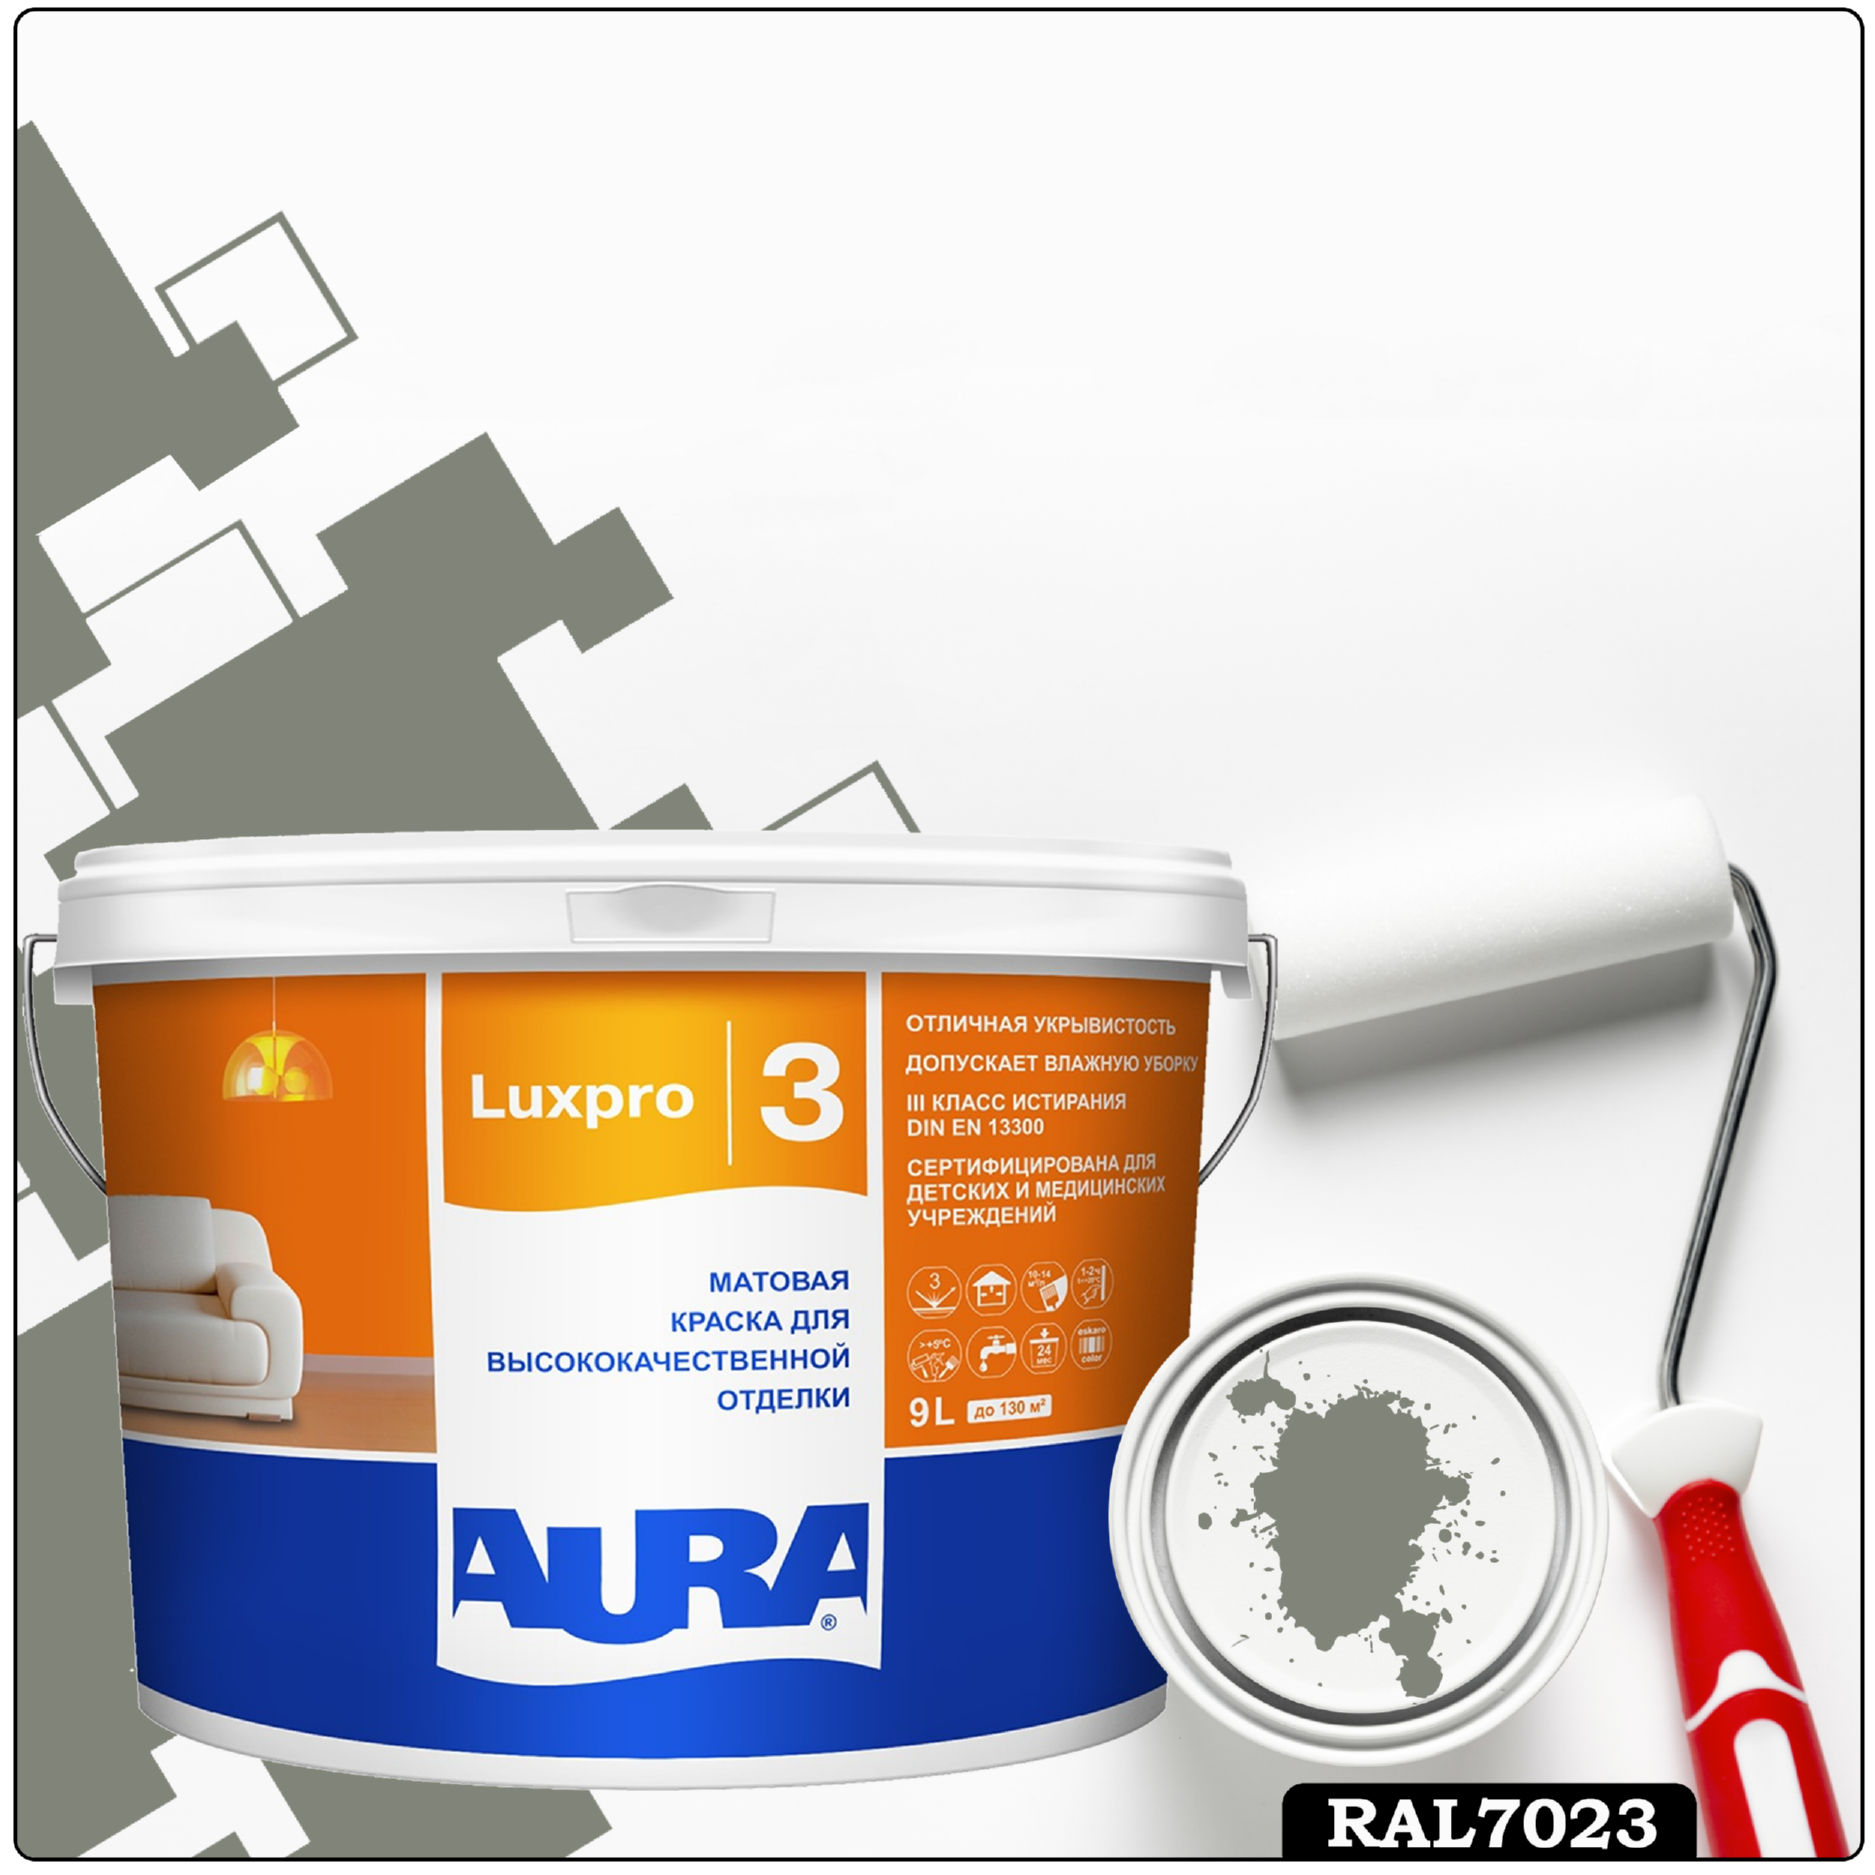 Фото 18 - Краска Aura LuxPRO 3, RAL 7023 Серый бетон, латексная, шелково-матовая, интерьерная, 9л, Аура.